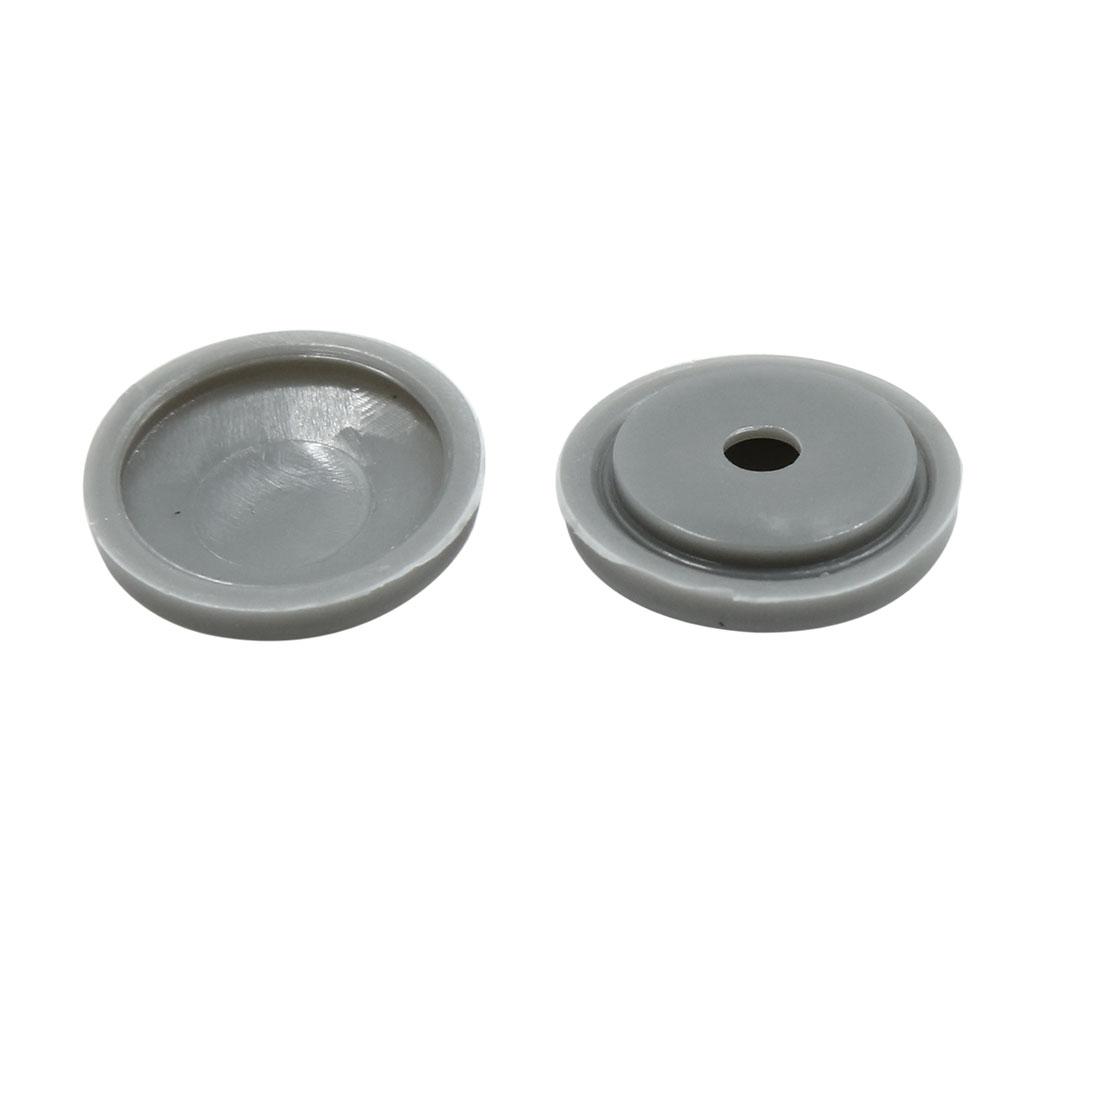 100 Set Gray 4mm Dia Nut Screw Bolt Cap Cover Interior Decoration for Car - image 1 of 3